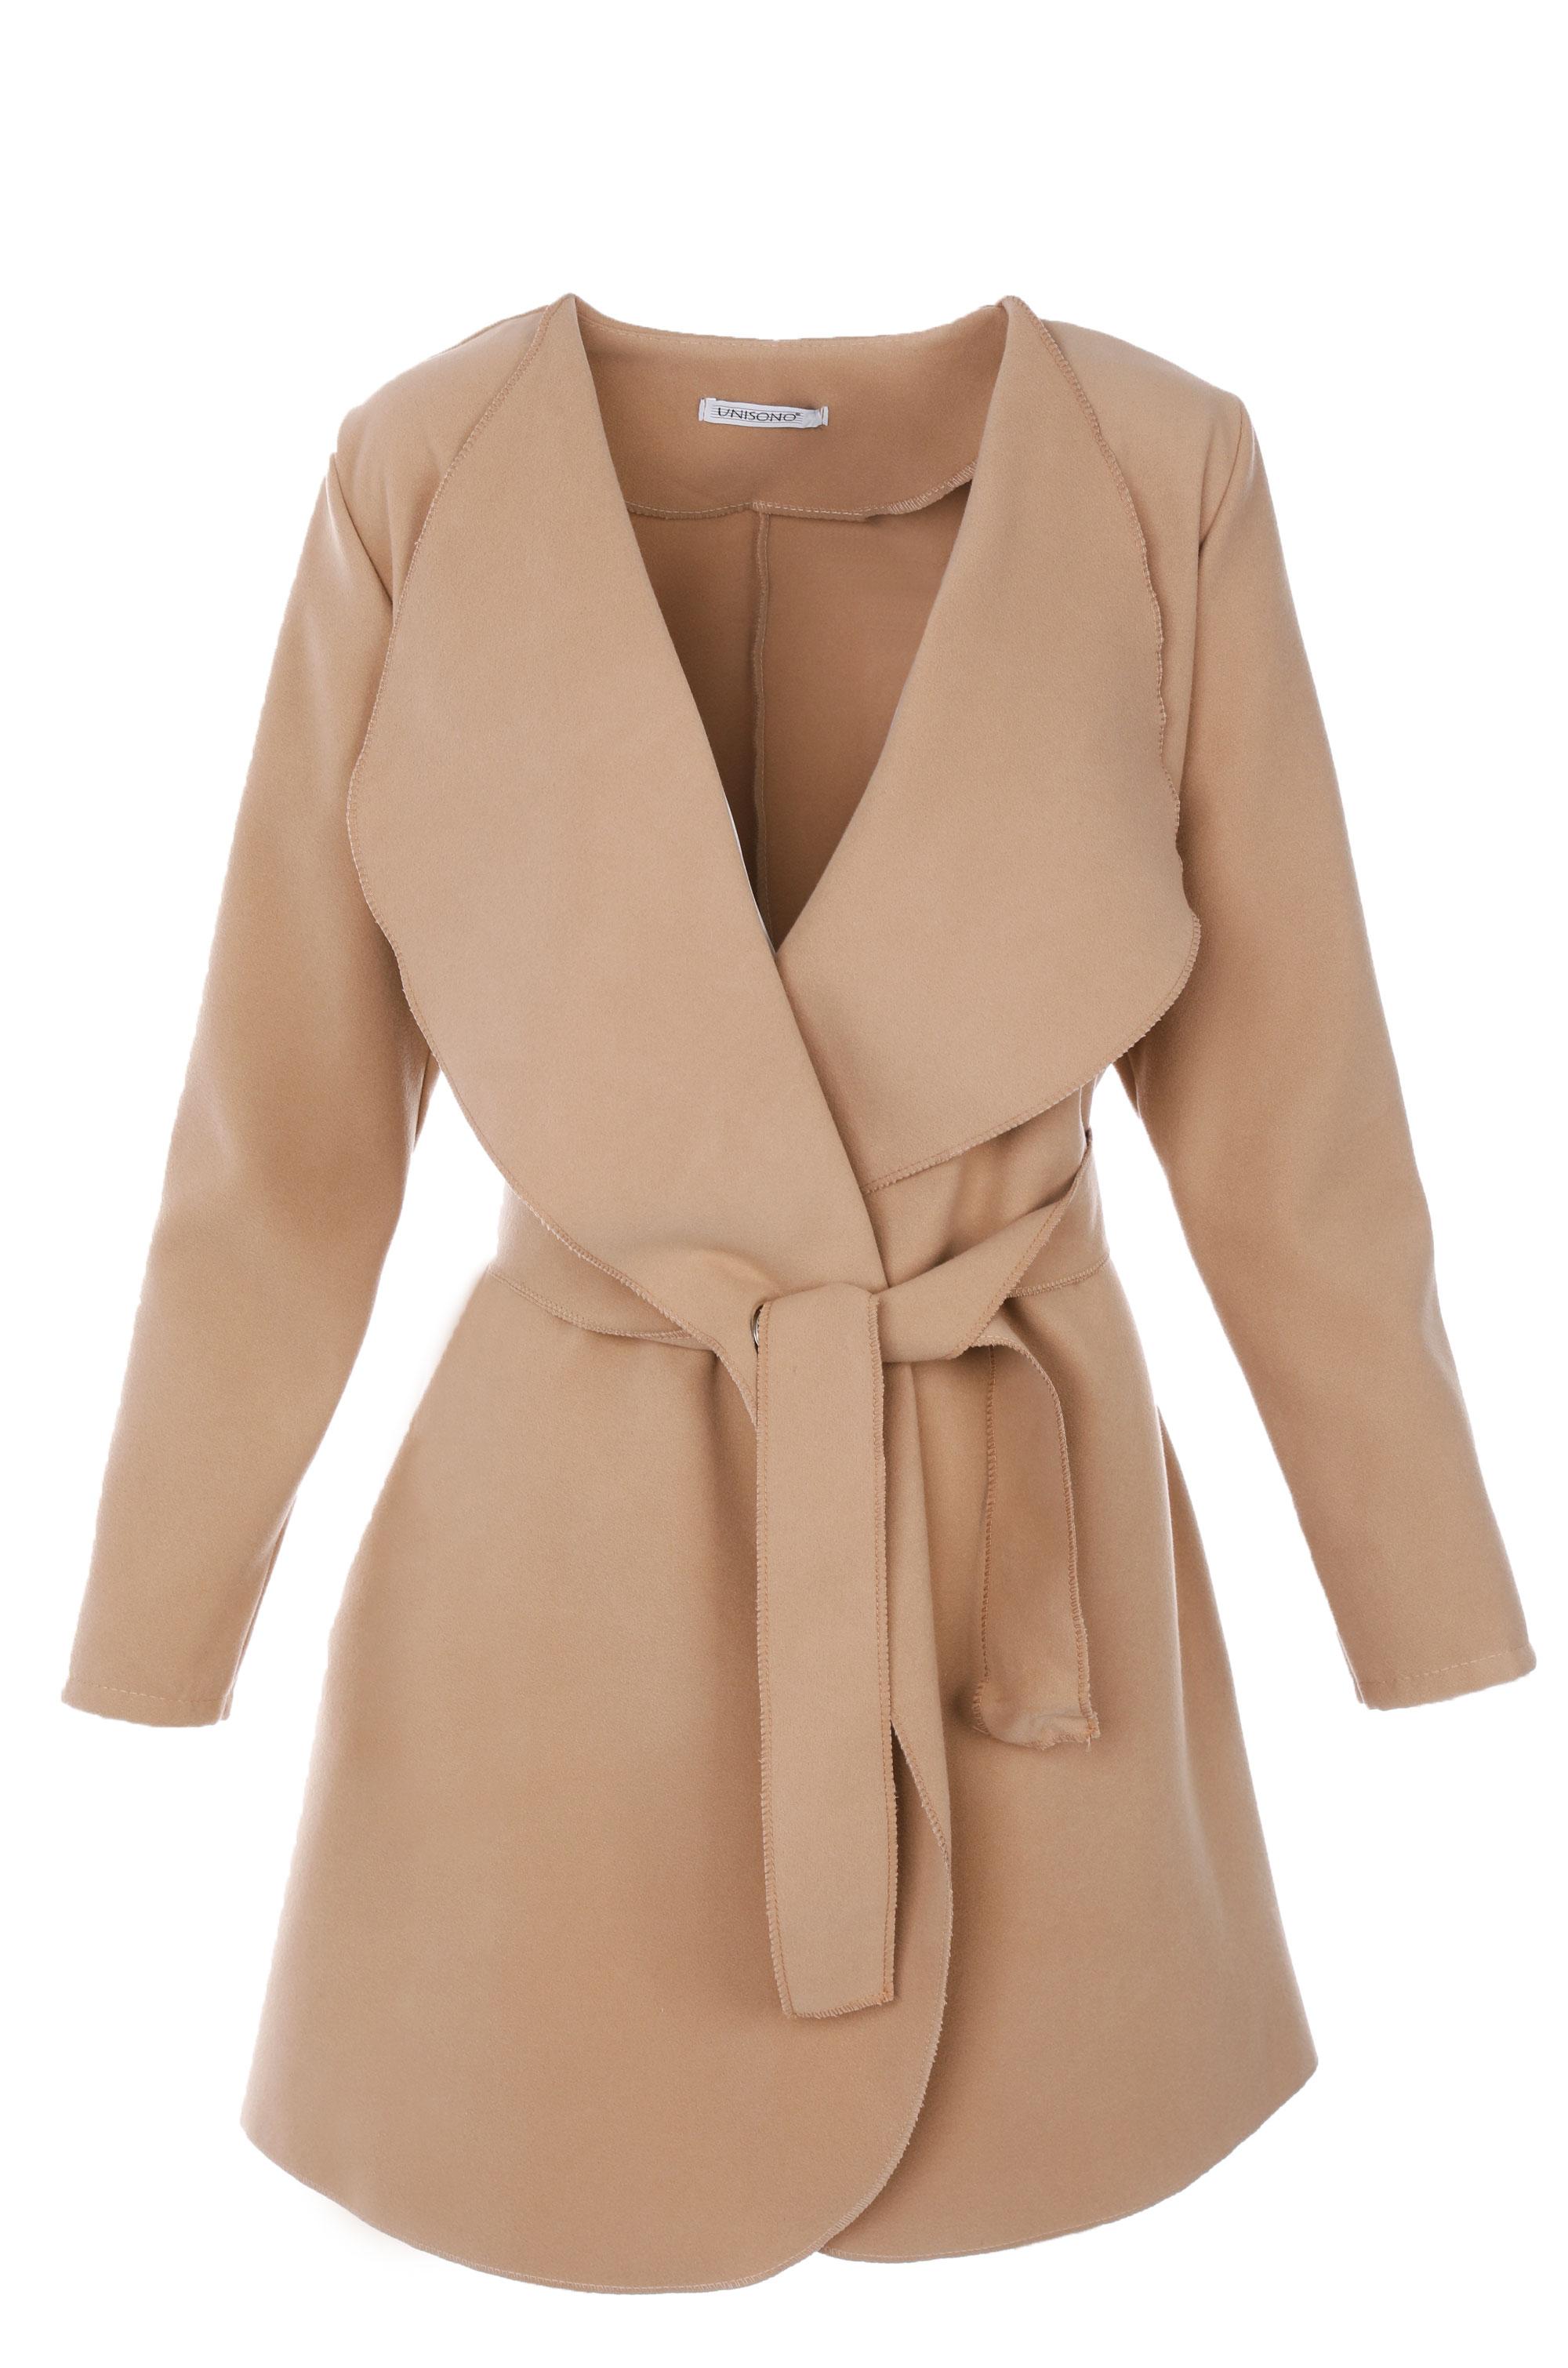 Płaszcz materiałowy - 71-22245 BEIG - Unisono